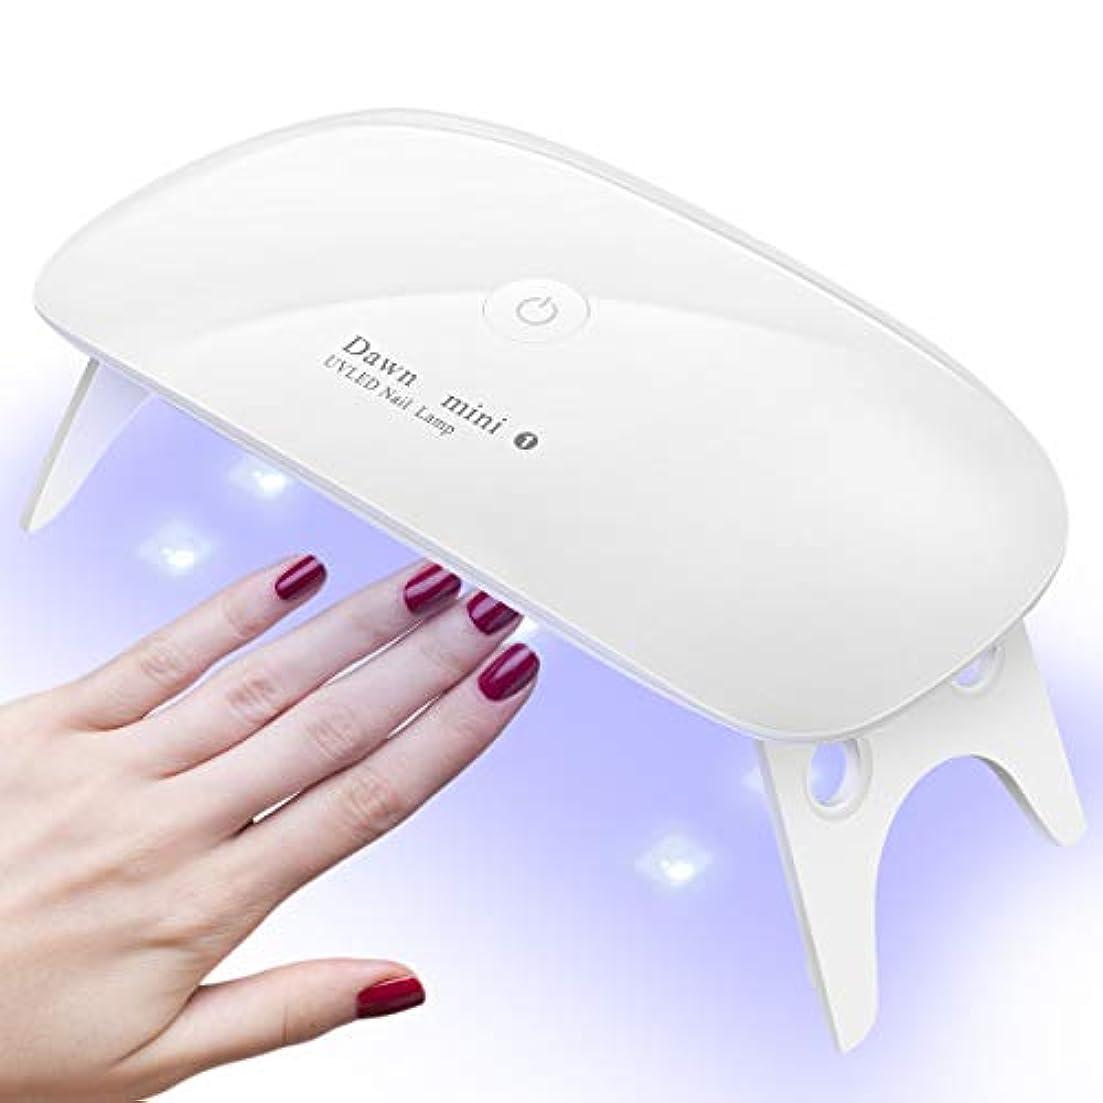 ネイティブロック解除バウンドLEDネイルドライヤー UVライト レジン用 硬化ライト タイマー設定可能 折りたたみ式手足とも使える UV と LEDダブルライト ジェルネイル と レジンクラフト用